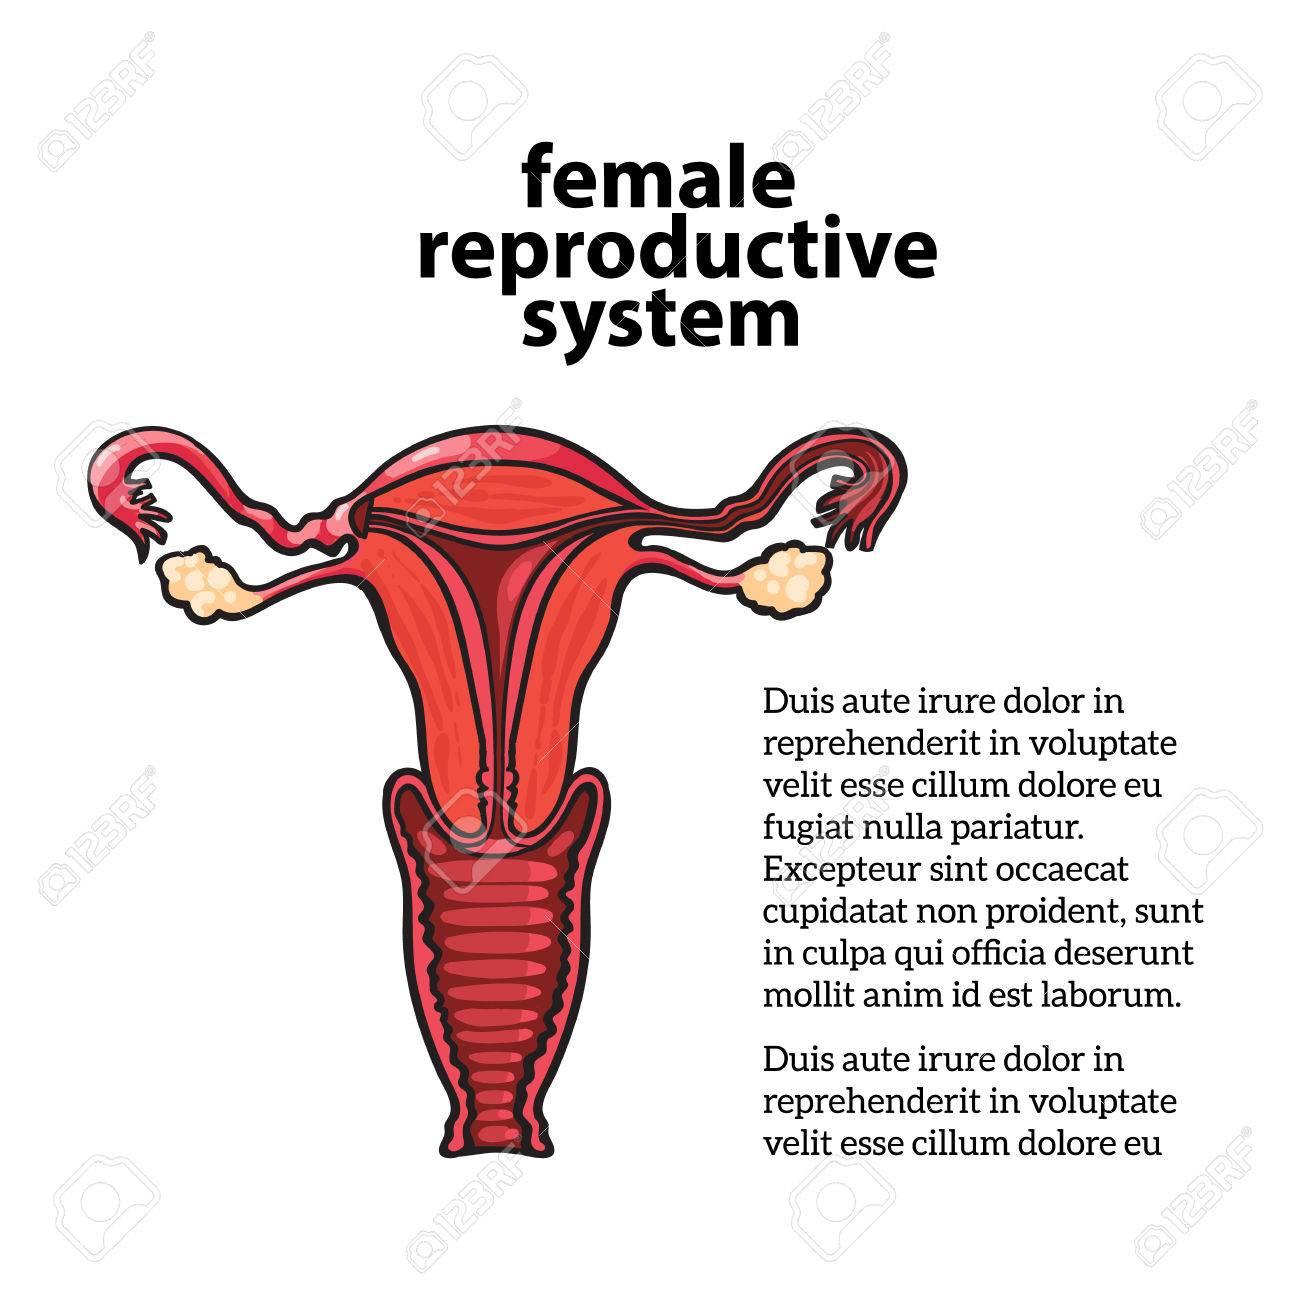 Fein Die Anatomie Des Weiblichen Fortpflanzungssystems Fotos ...